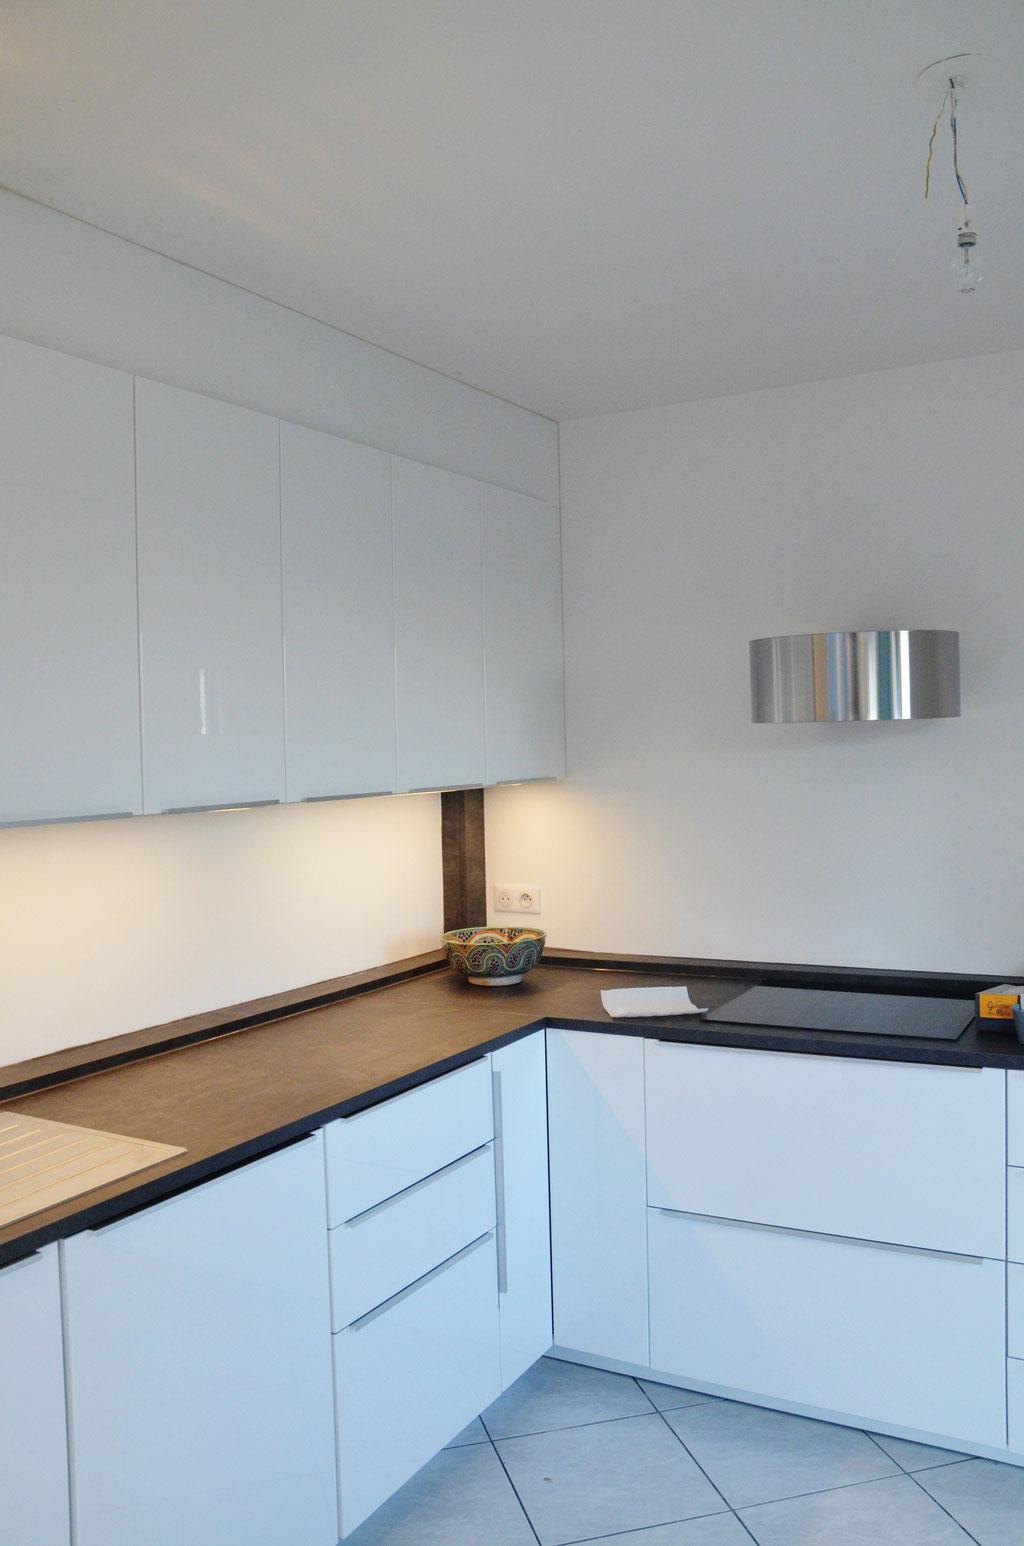 AL Intérieurs, agence architecture intérieur et décoration lyon, rénovation d'une cuisine design